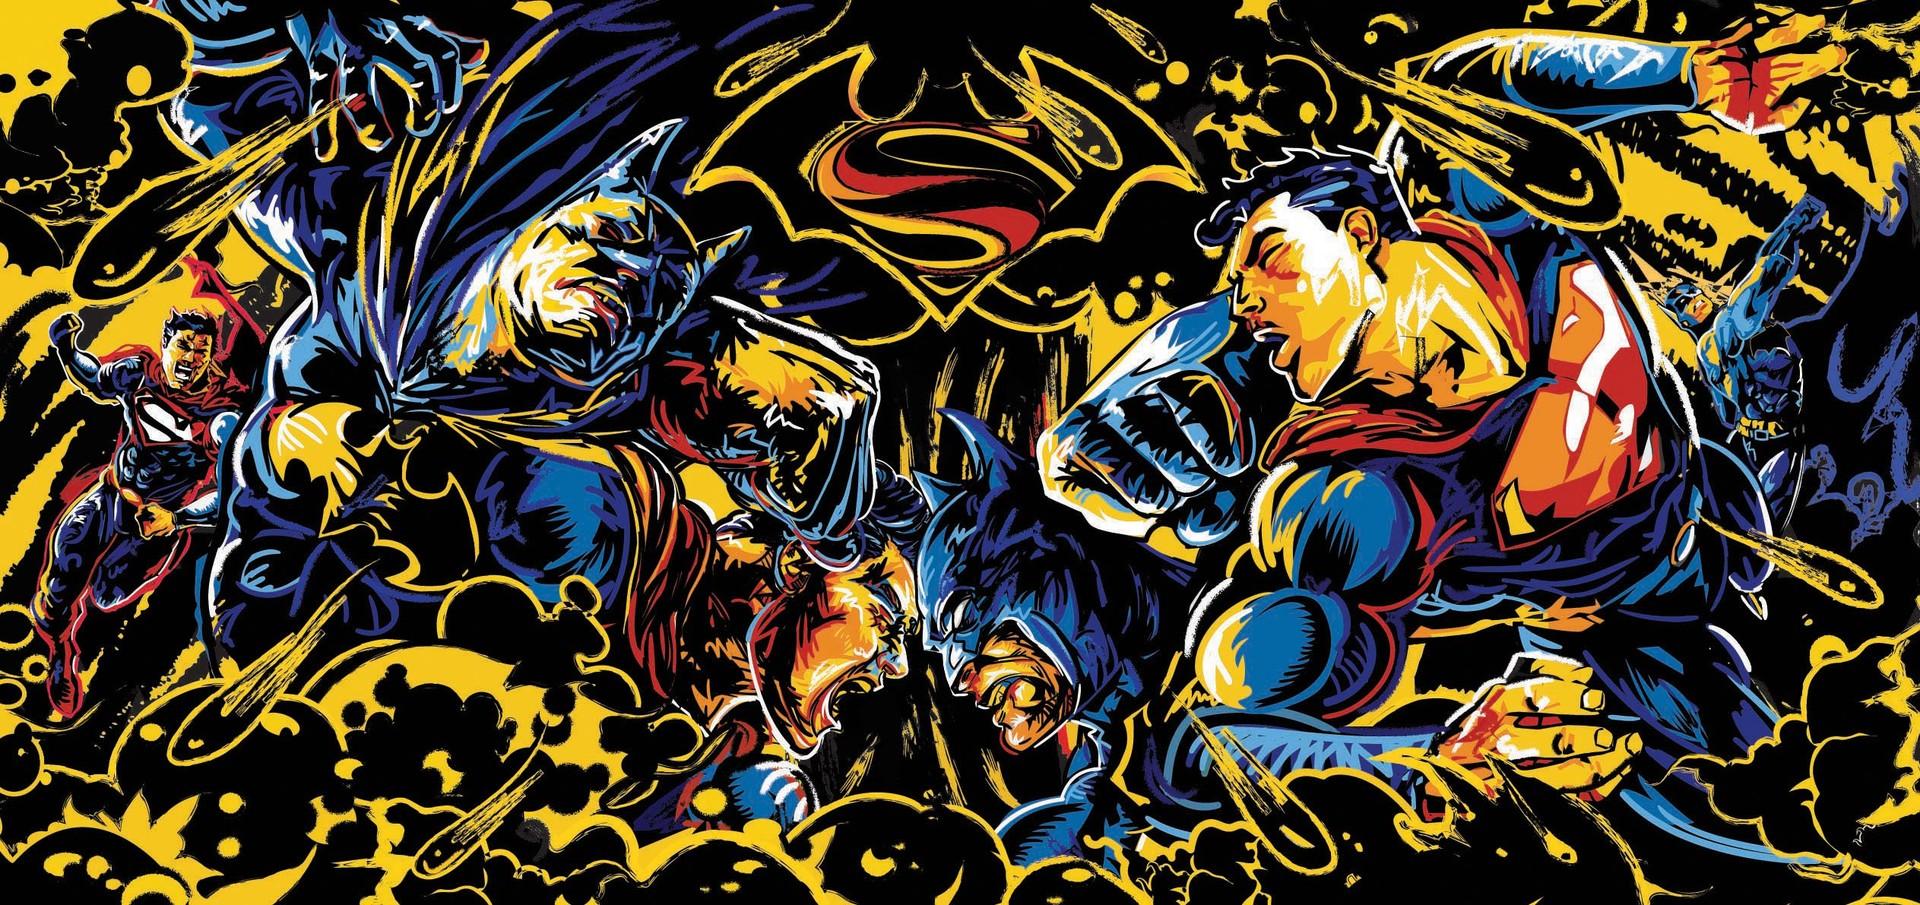 Bighead pei superman